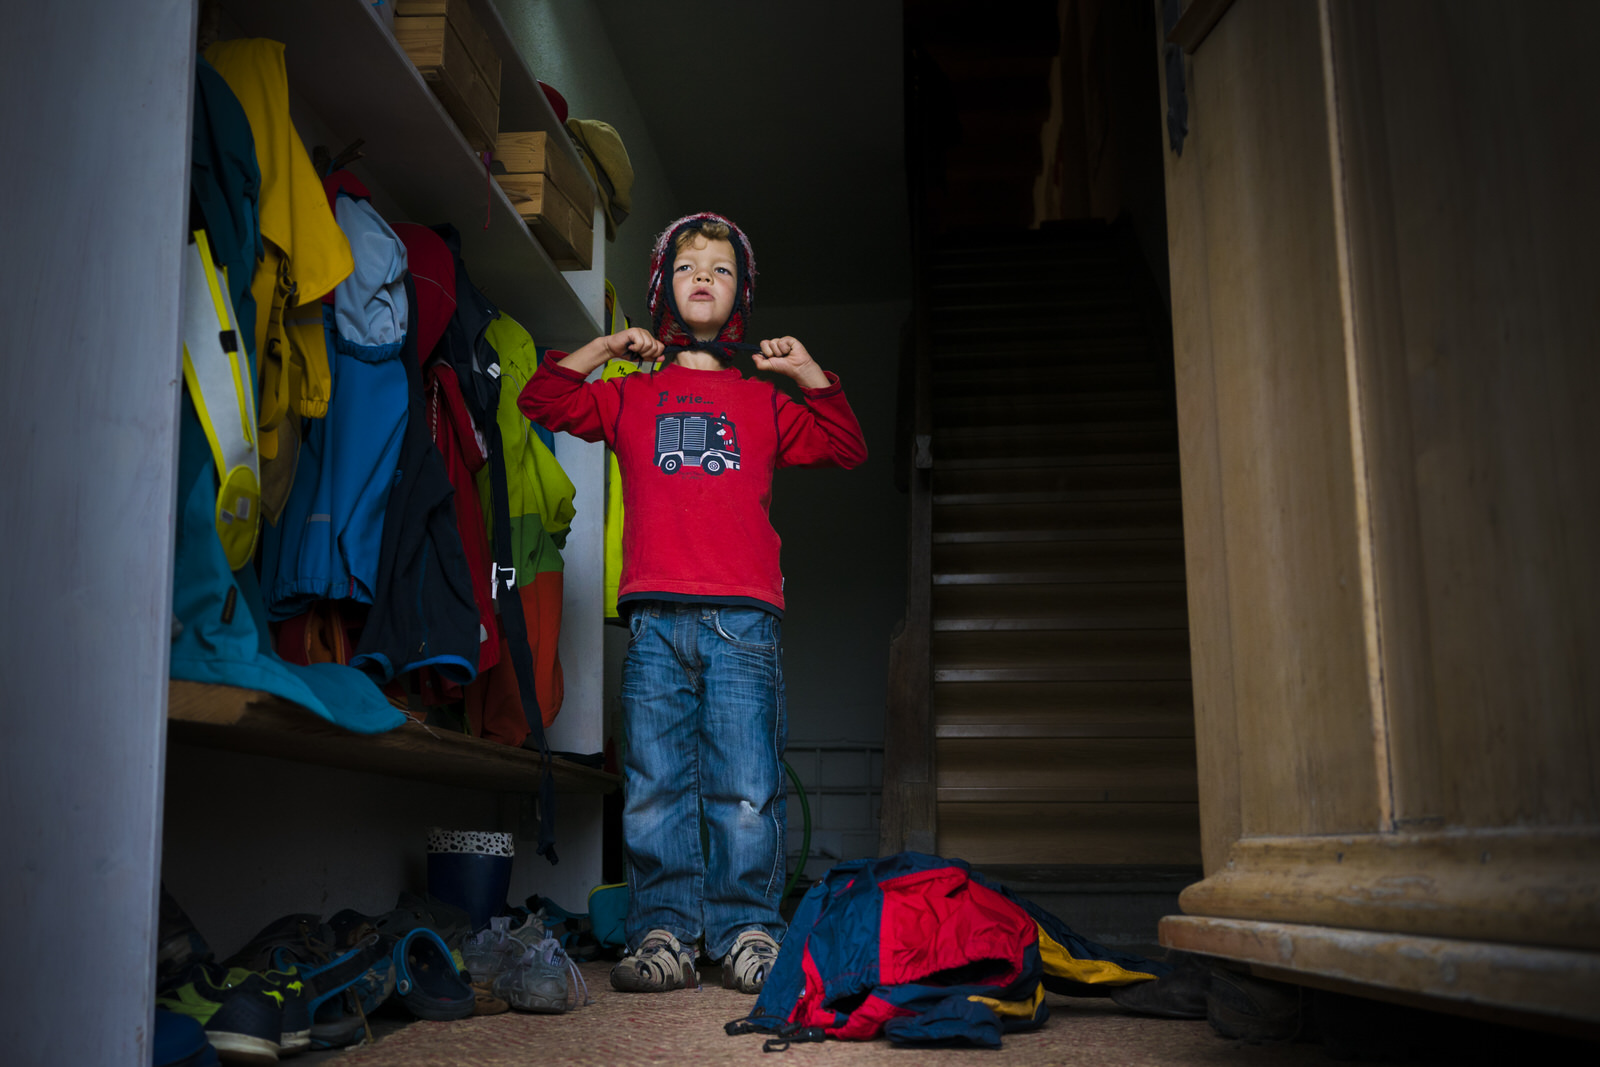 Junge zieht sich an - Familienfotografin unterwegs | Familienfotos drinnen und draussen